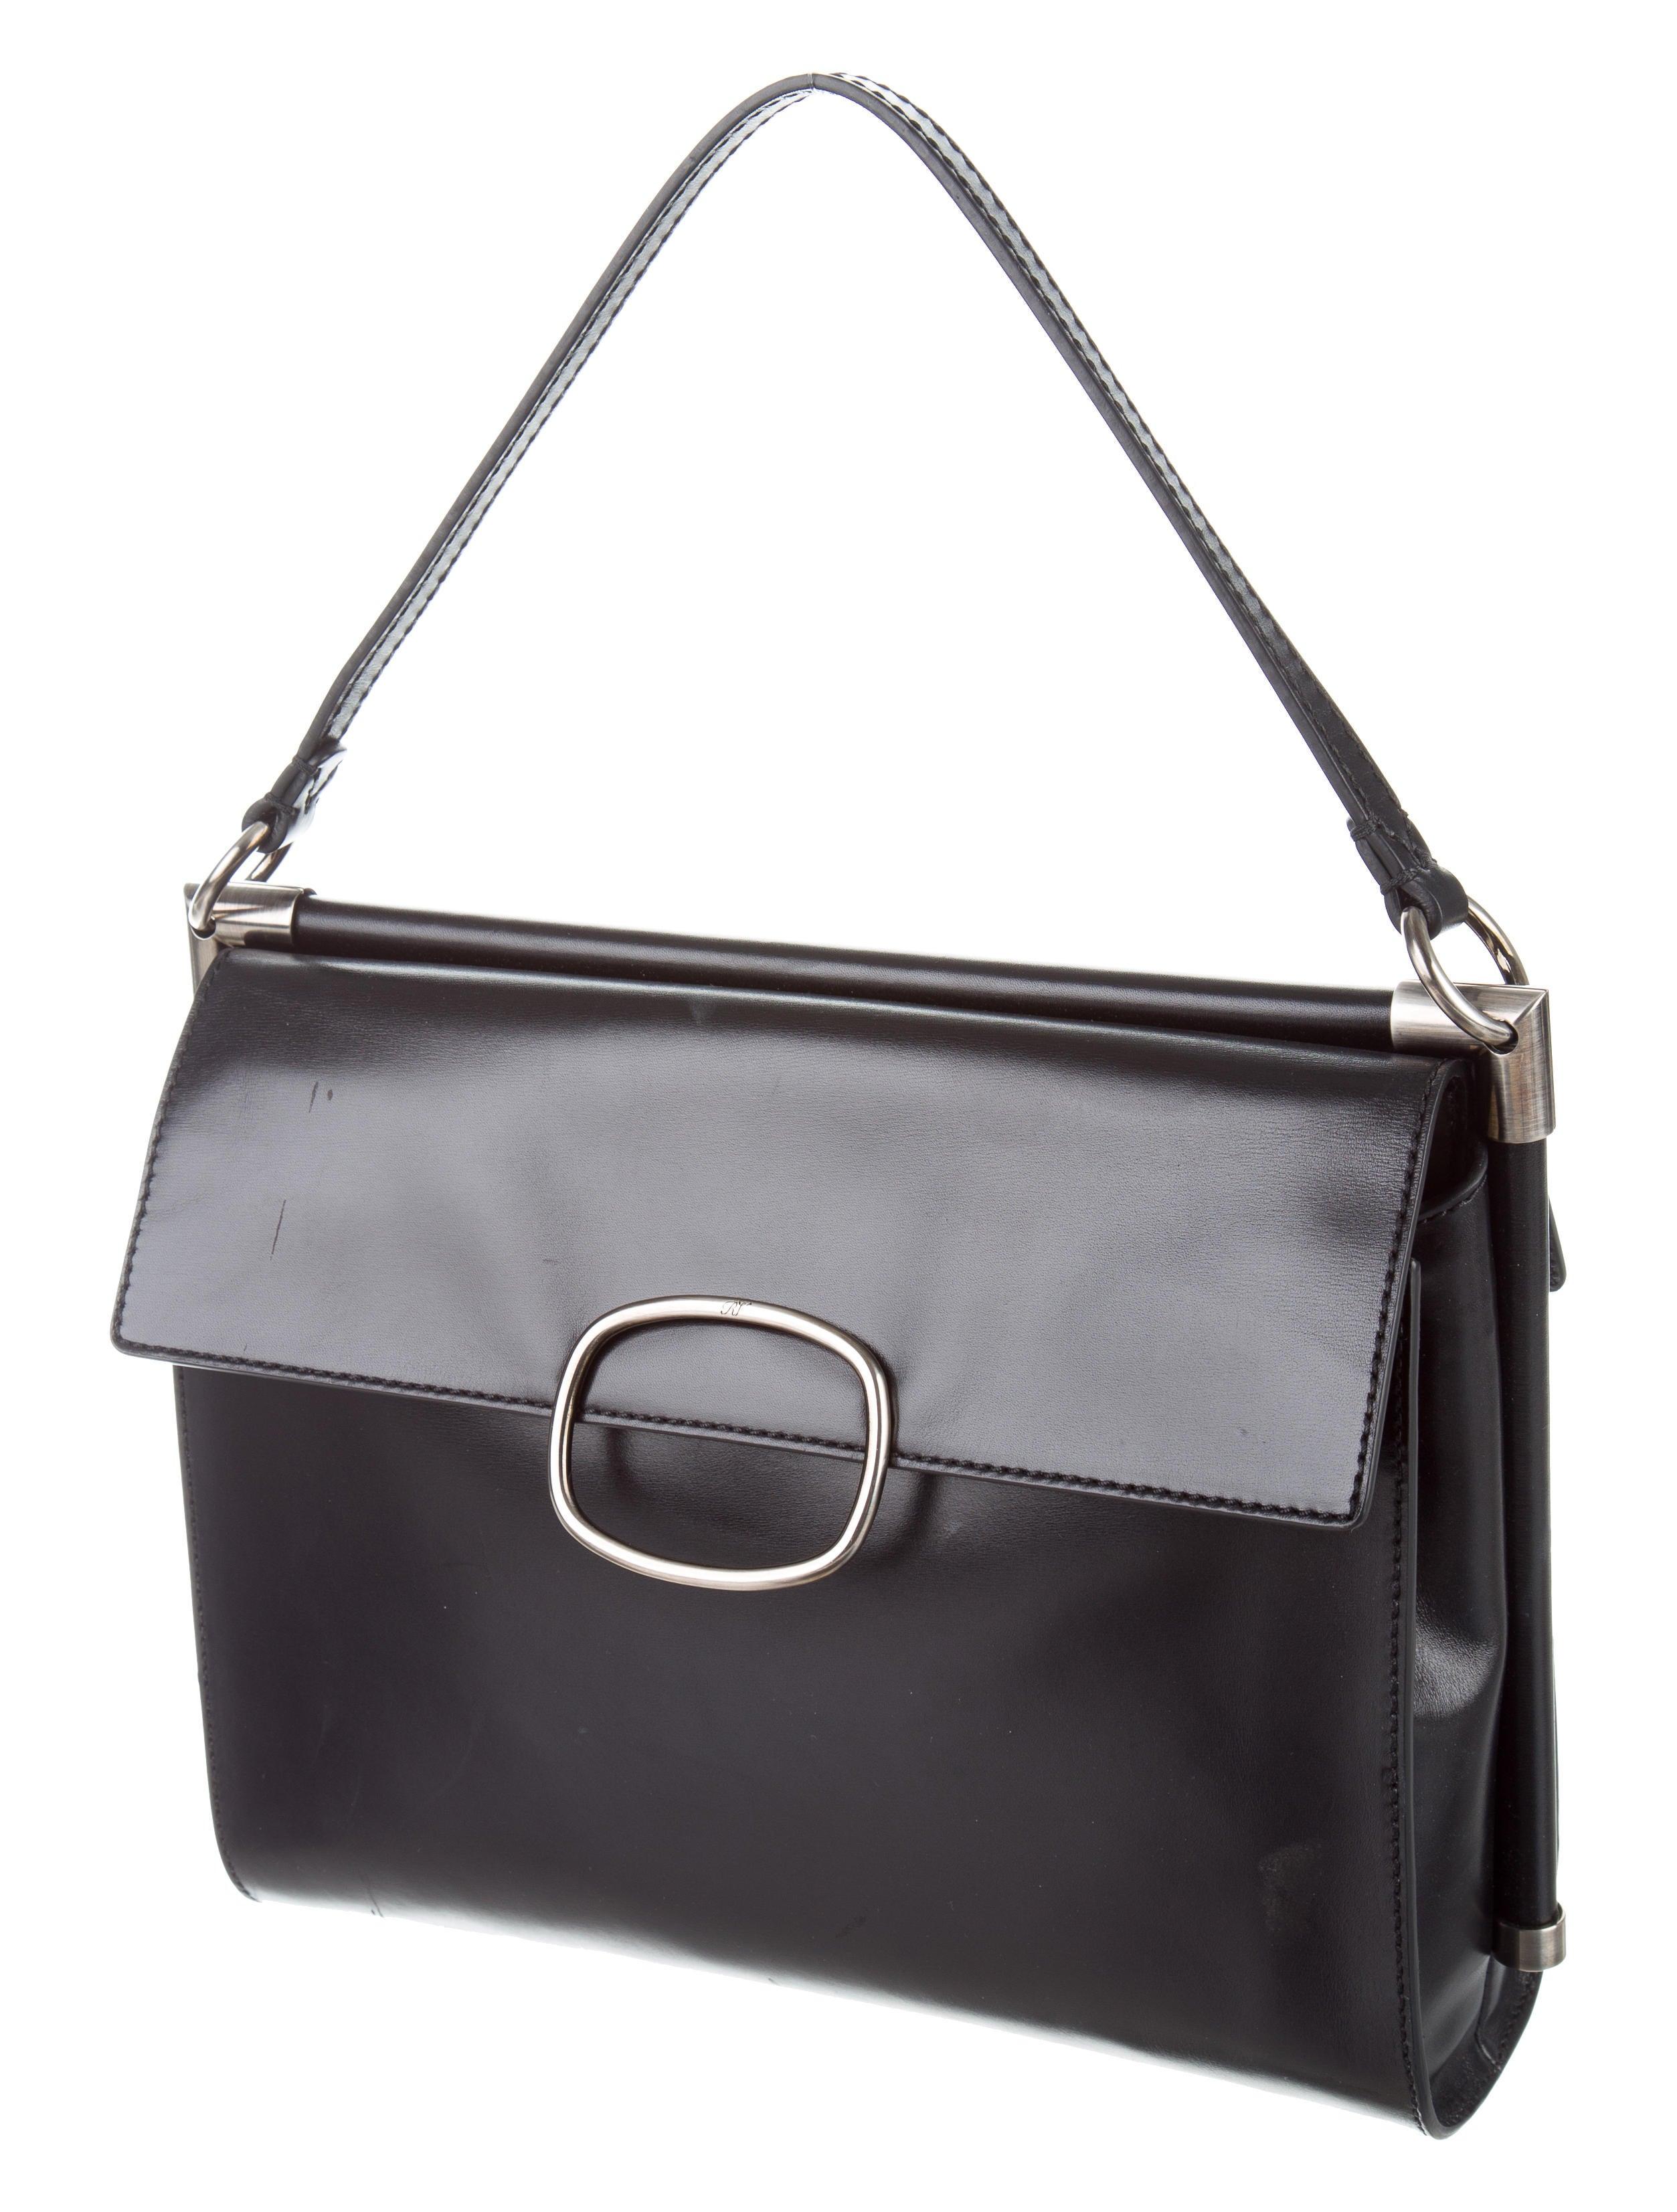 Roger Vivier Miss Viv Shoulder Bag - Handbags